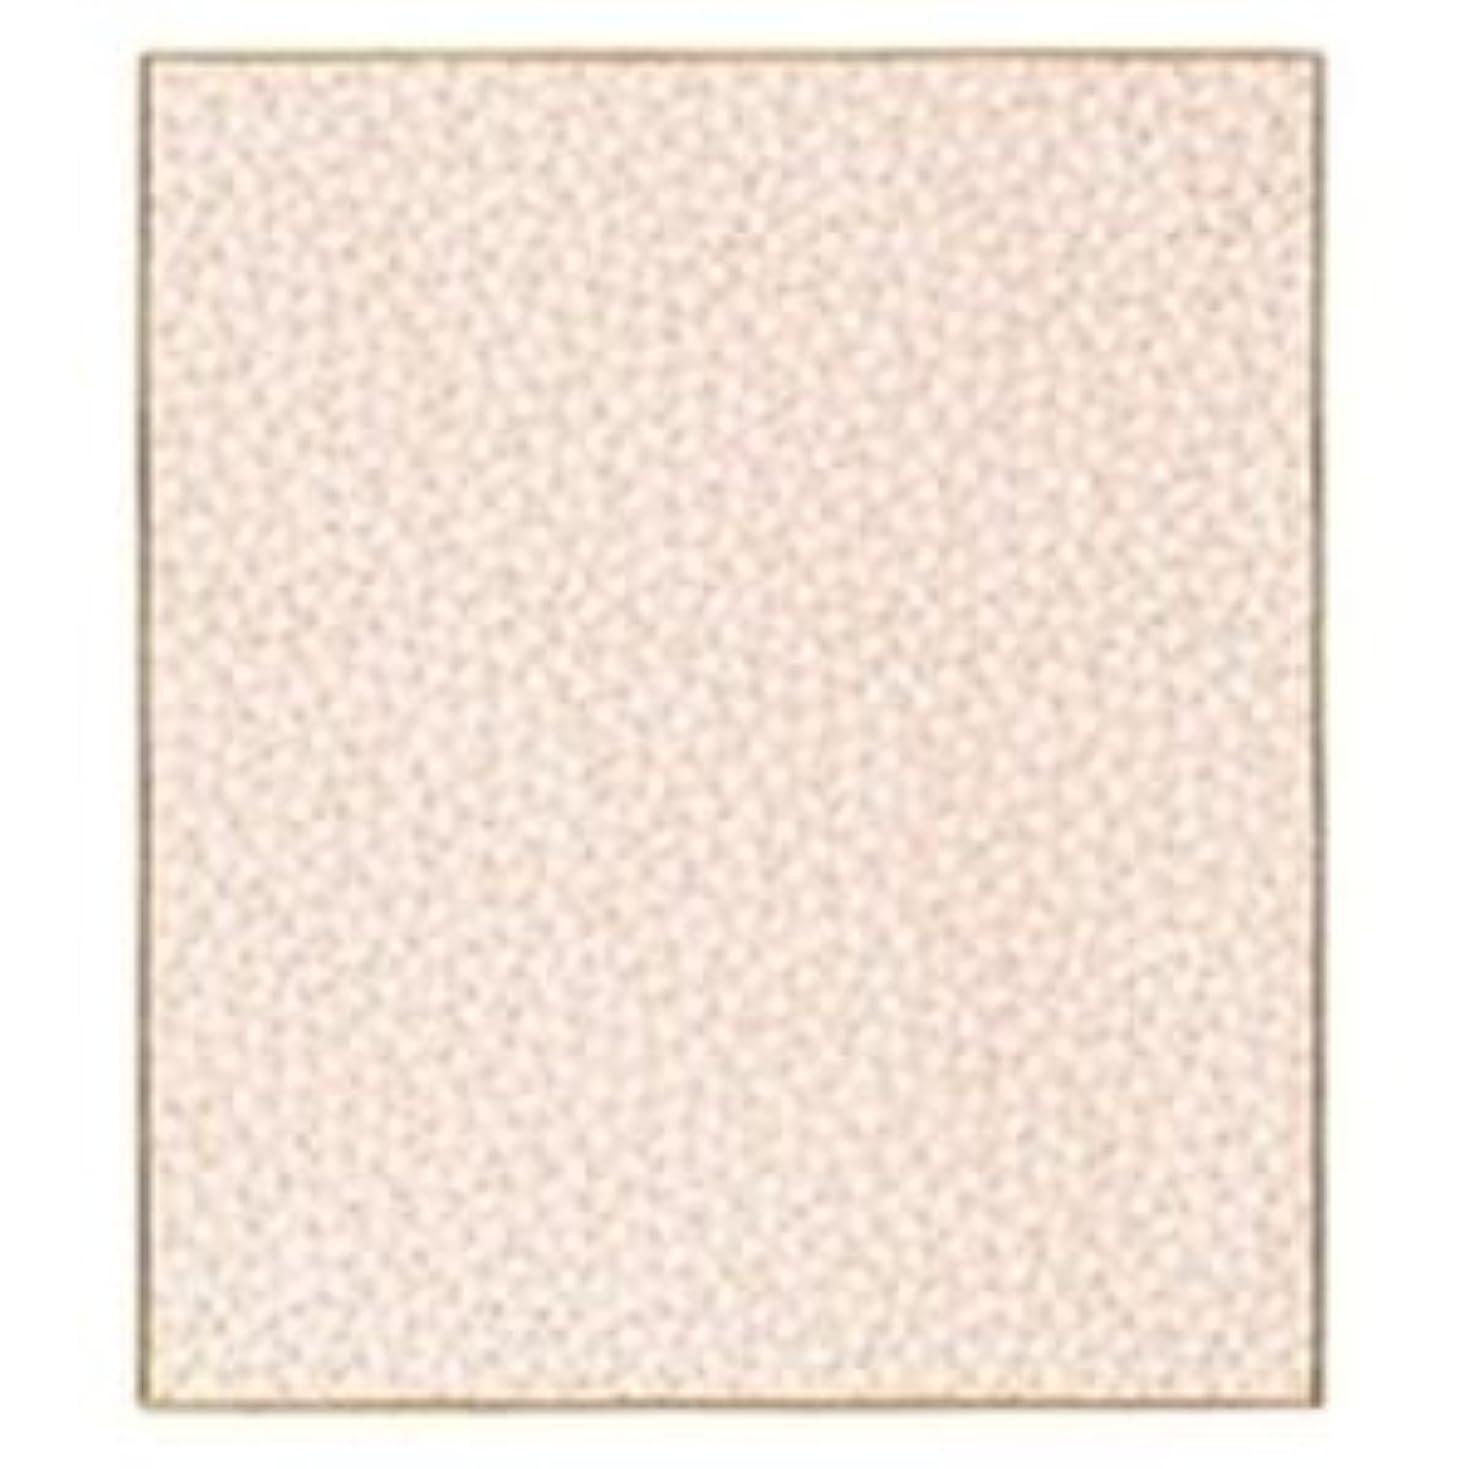 リクルート国家バブル(業務用10セット)ミドリ 色紙 33137006 二つ折花柄ピンク